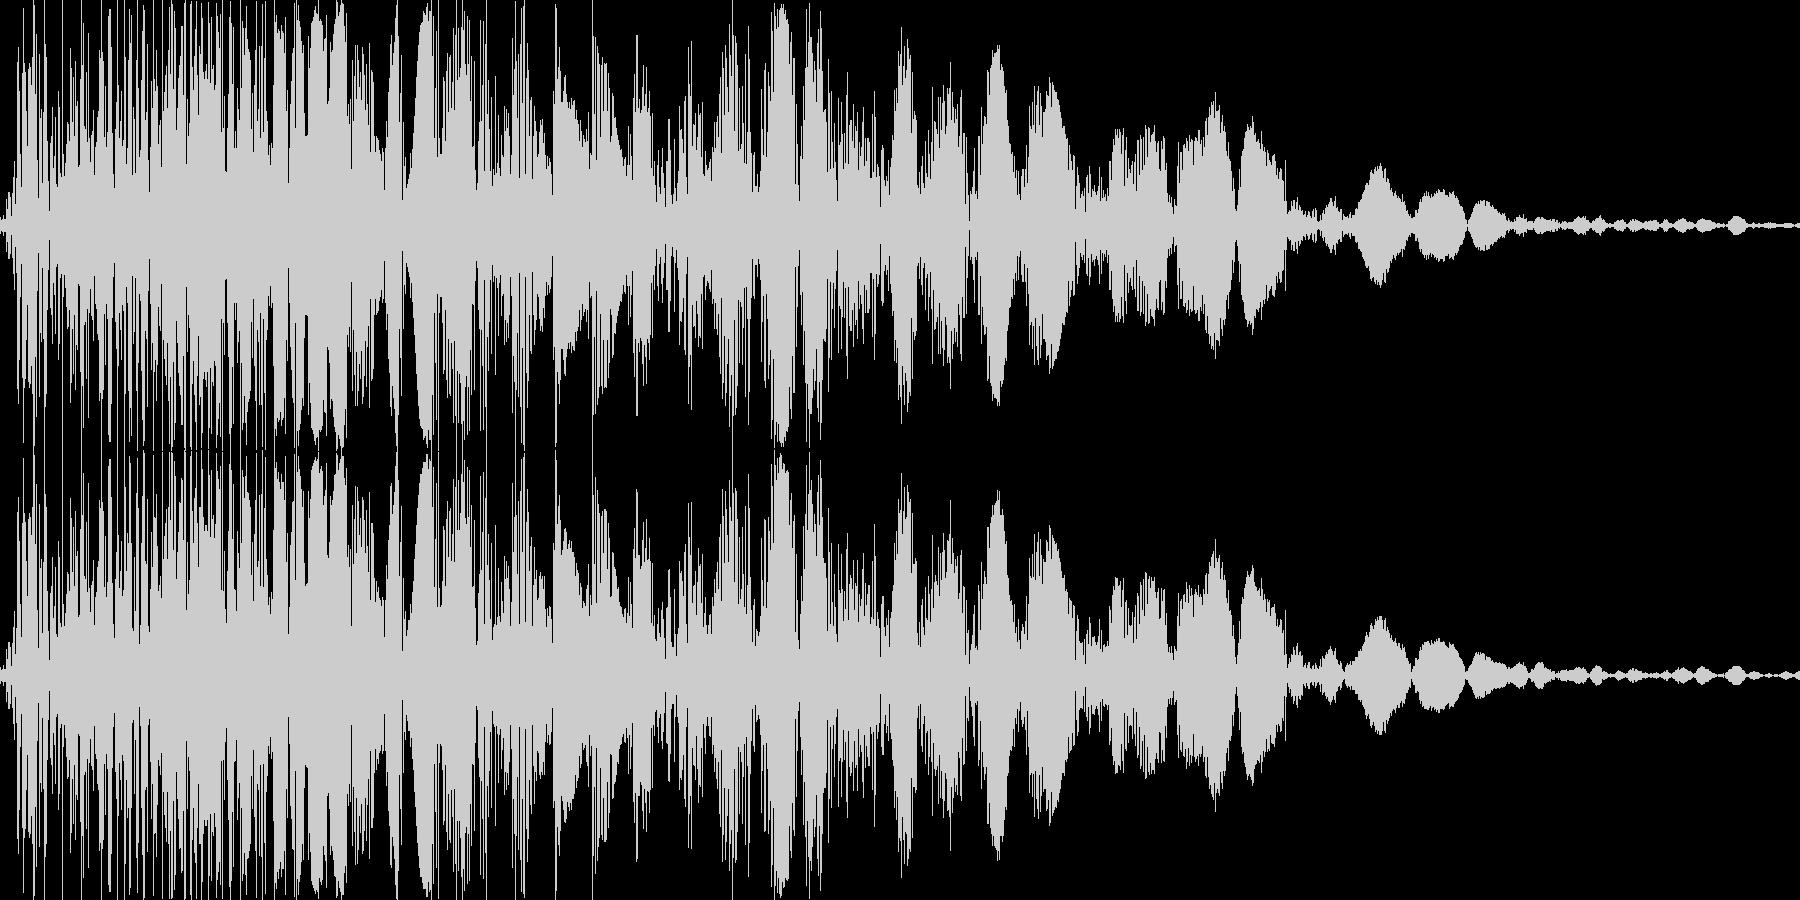 バシッ(殴ったようなツッコミ・打撃音)の未再生の波形